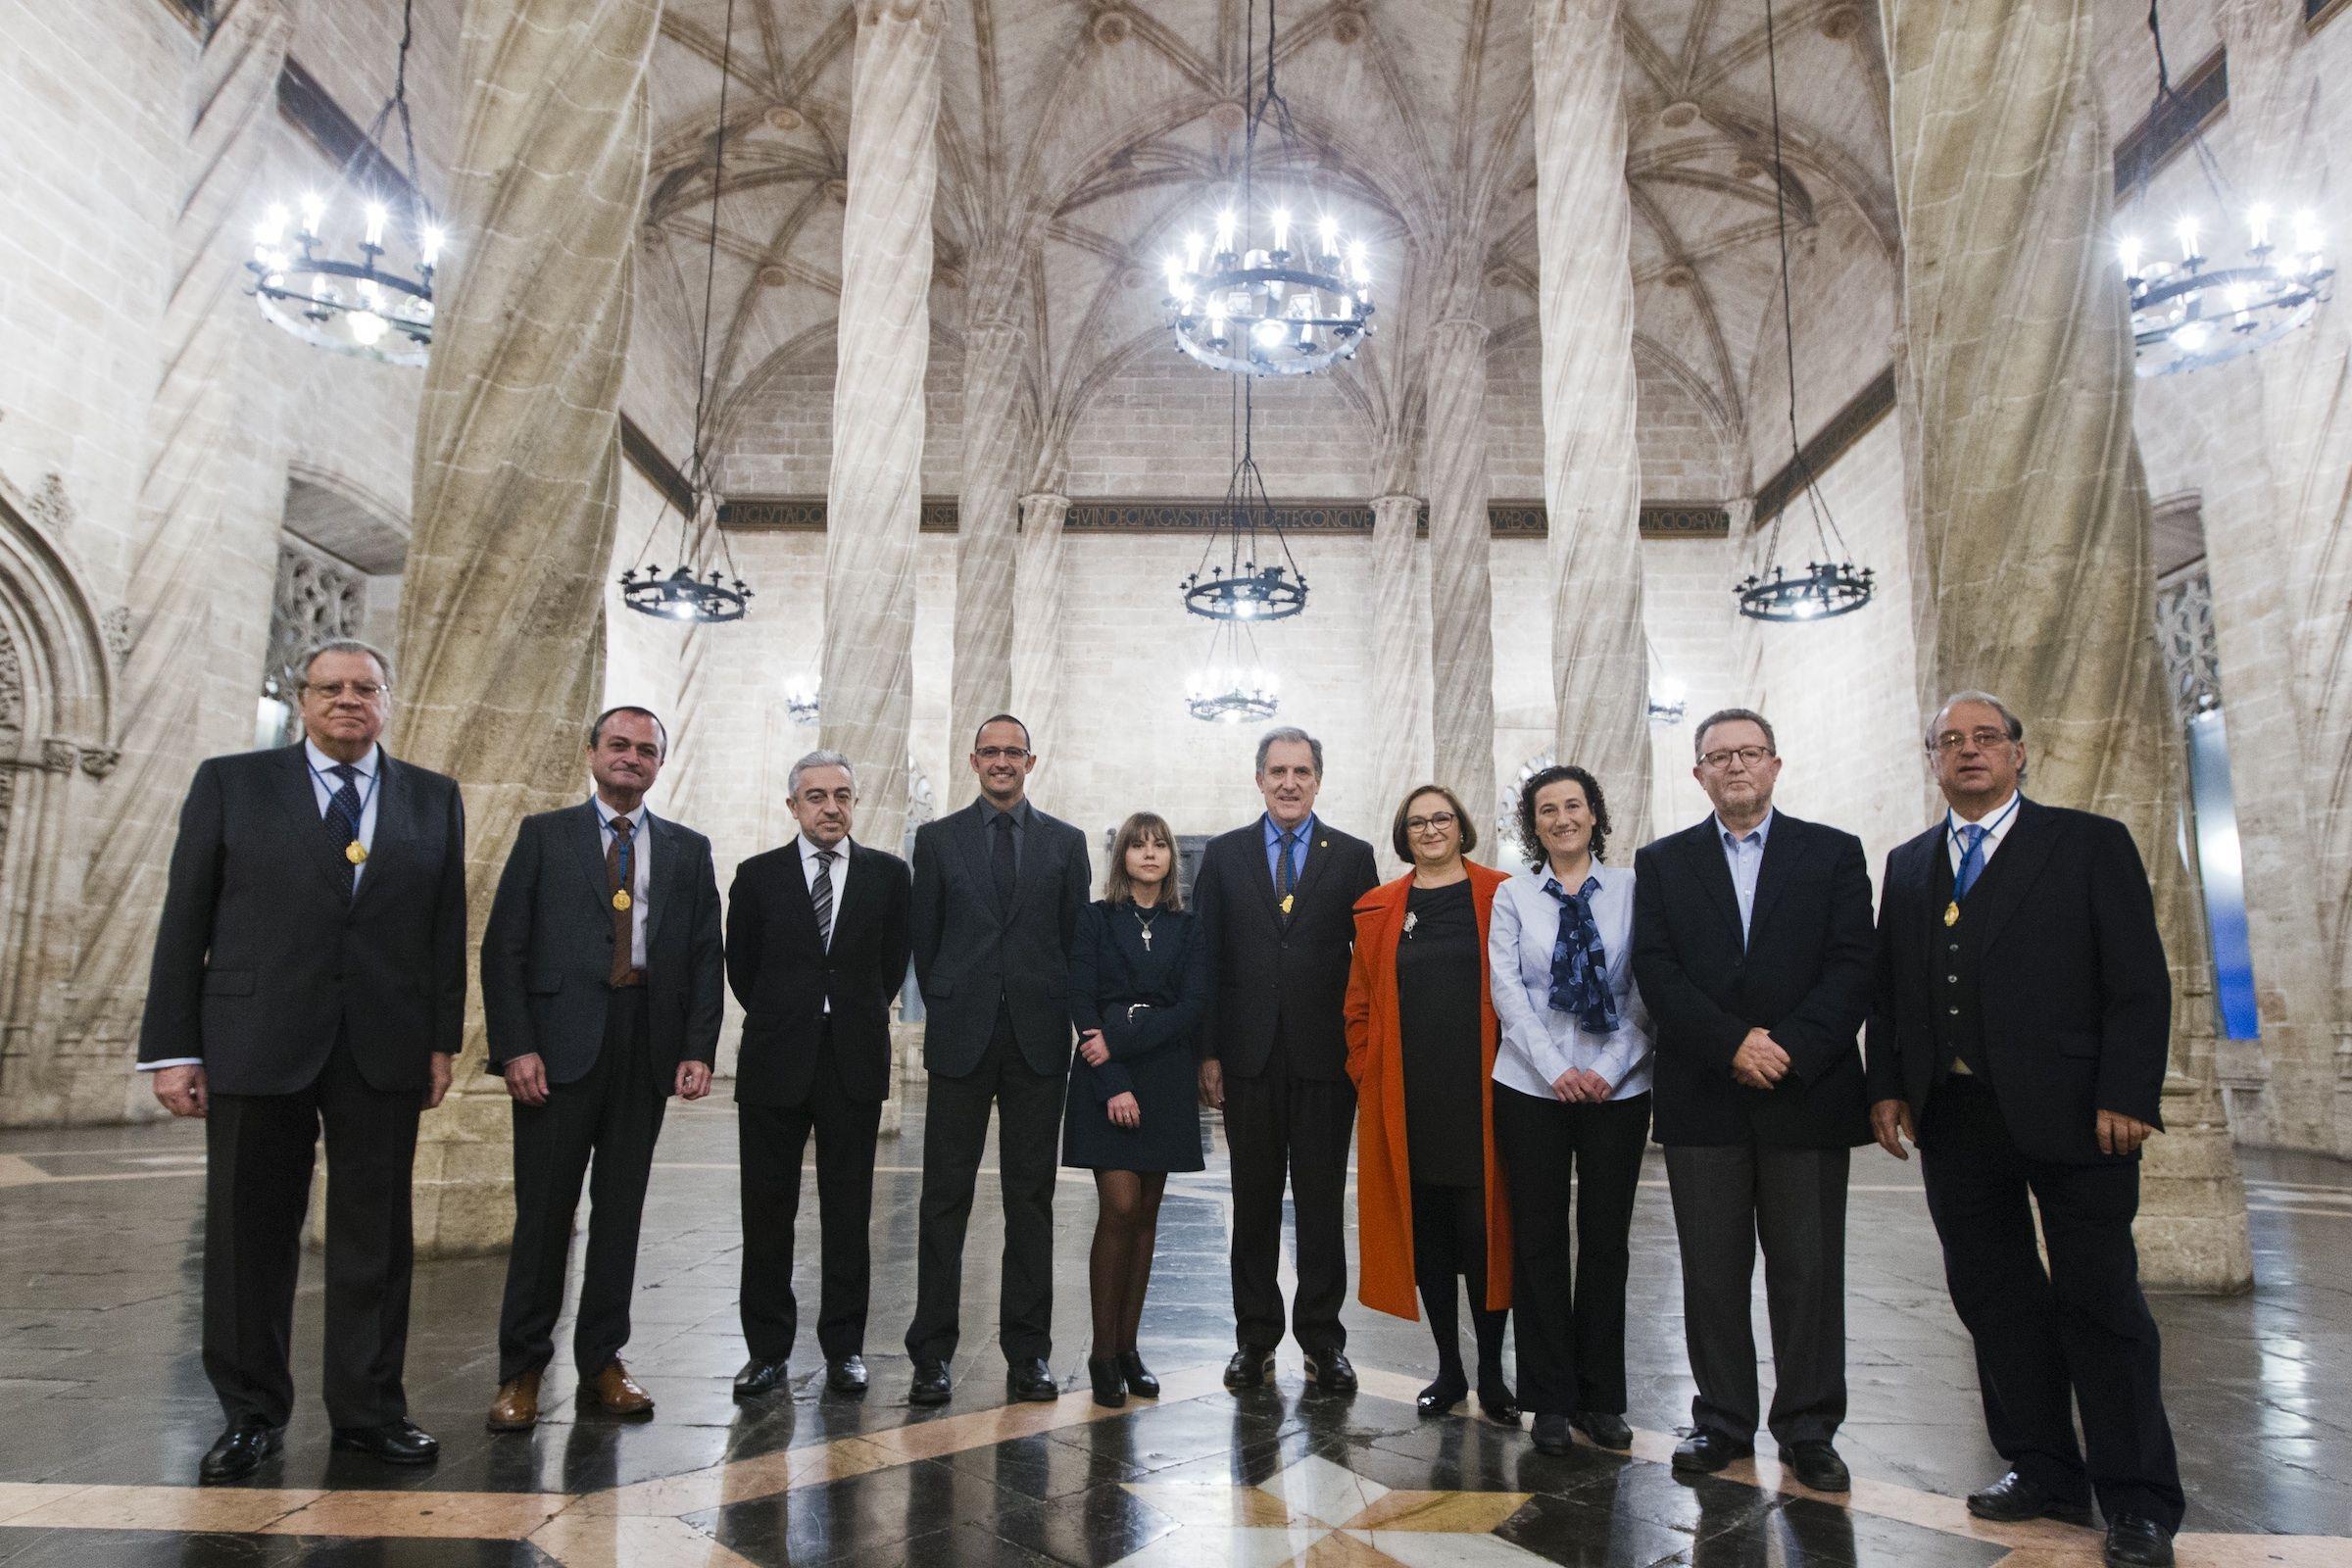 Daniel Monleón (cuarto por la izqda.) junto a los premiados y el consejo de Gobierno de la RACV, tras el acto de entrega de premios, celebrado en La Lonja de Valencia. Foto: RACV.